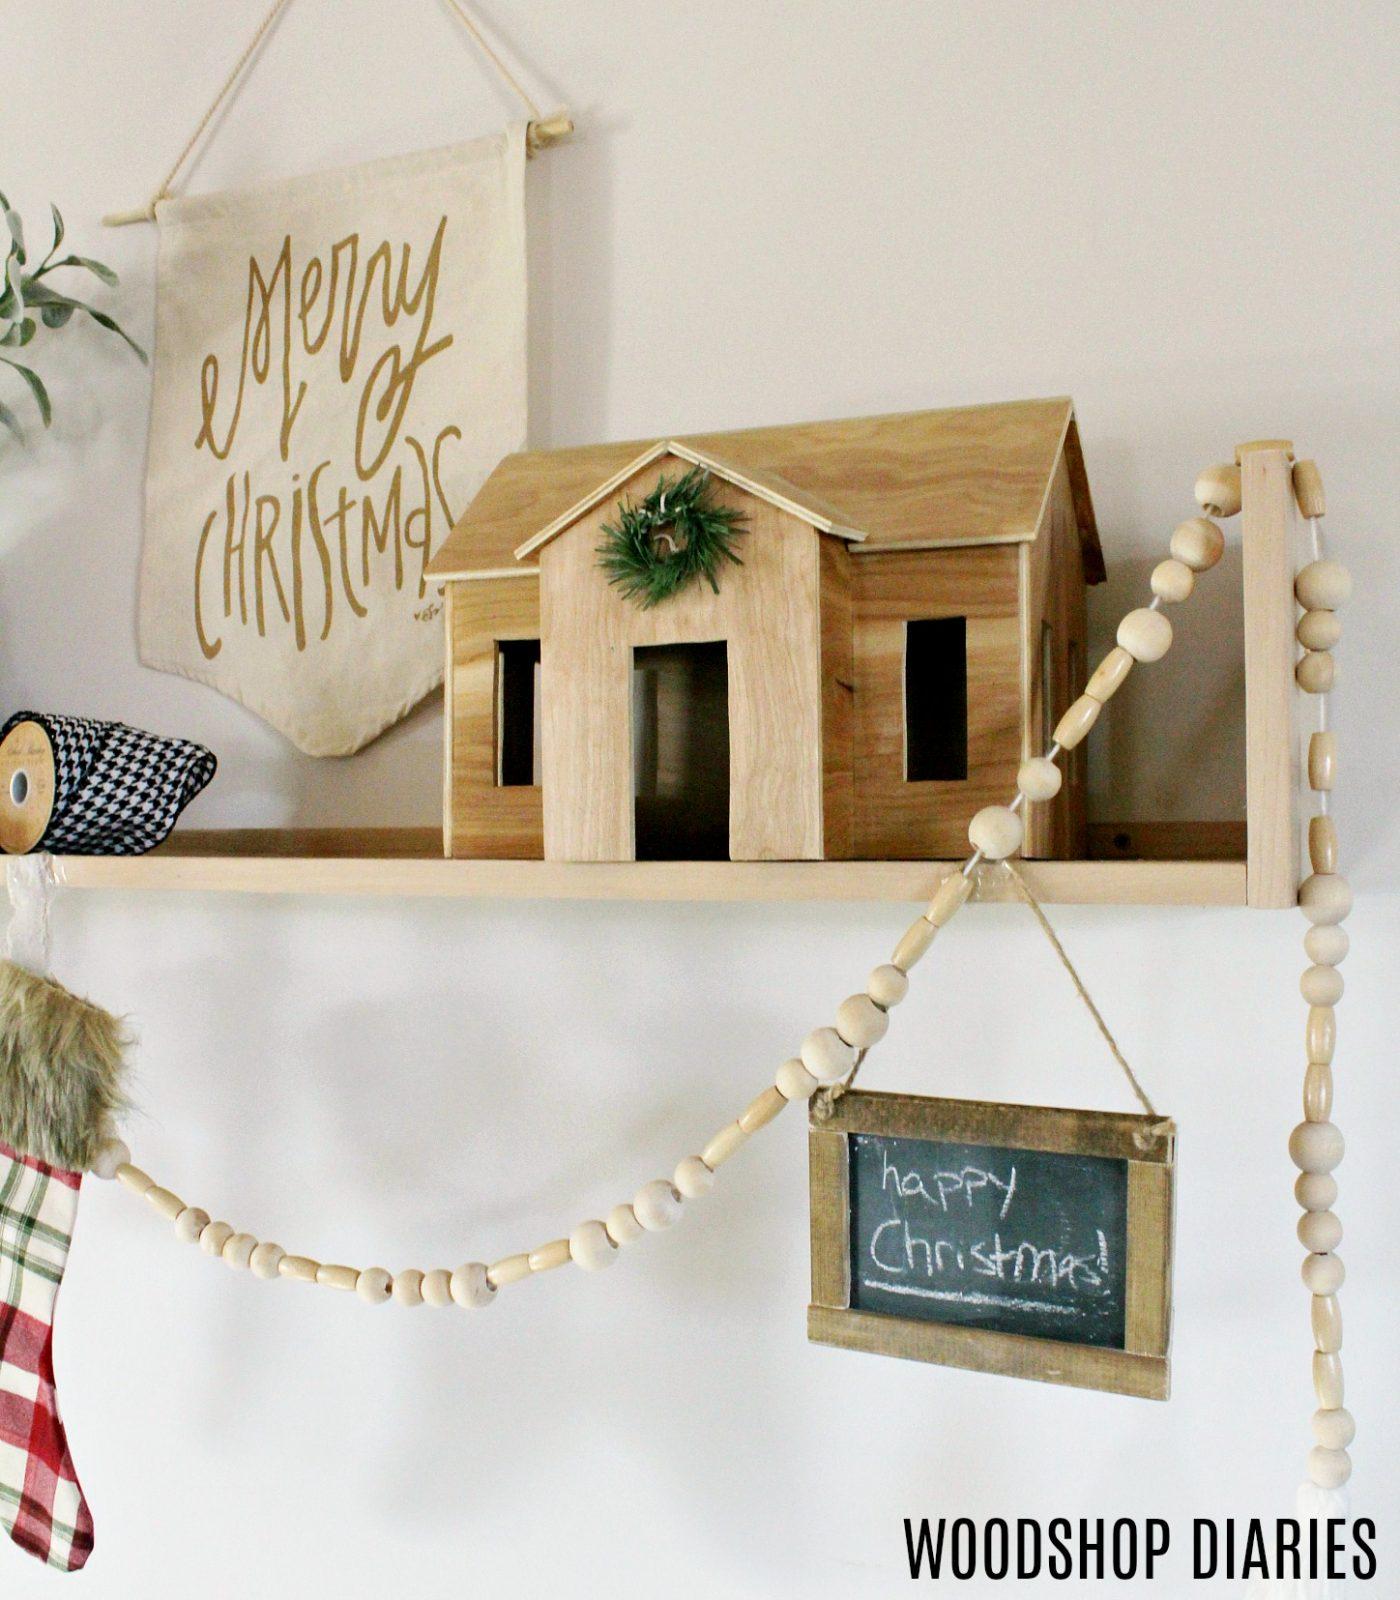 How to Build a DIY Contemporary Shelf--Christmas stocking holder Shelf